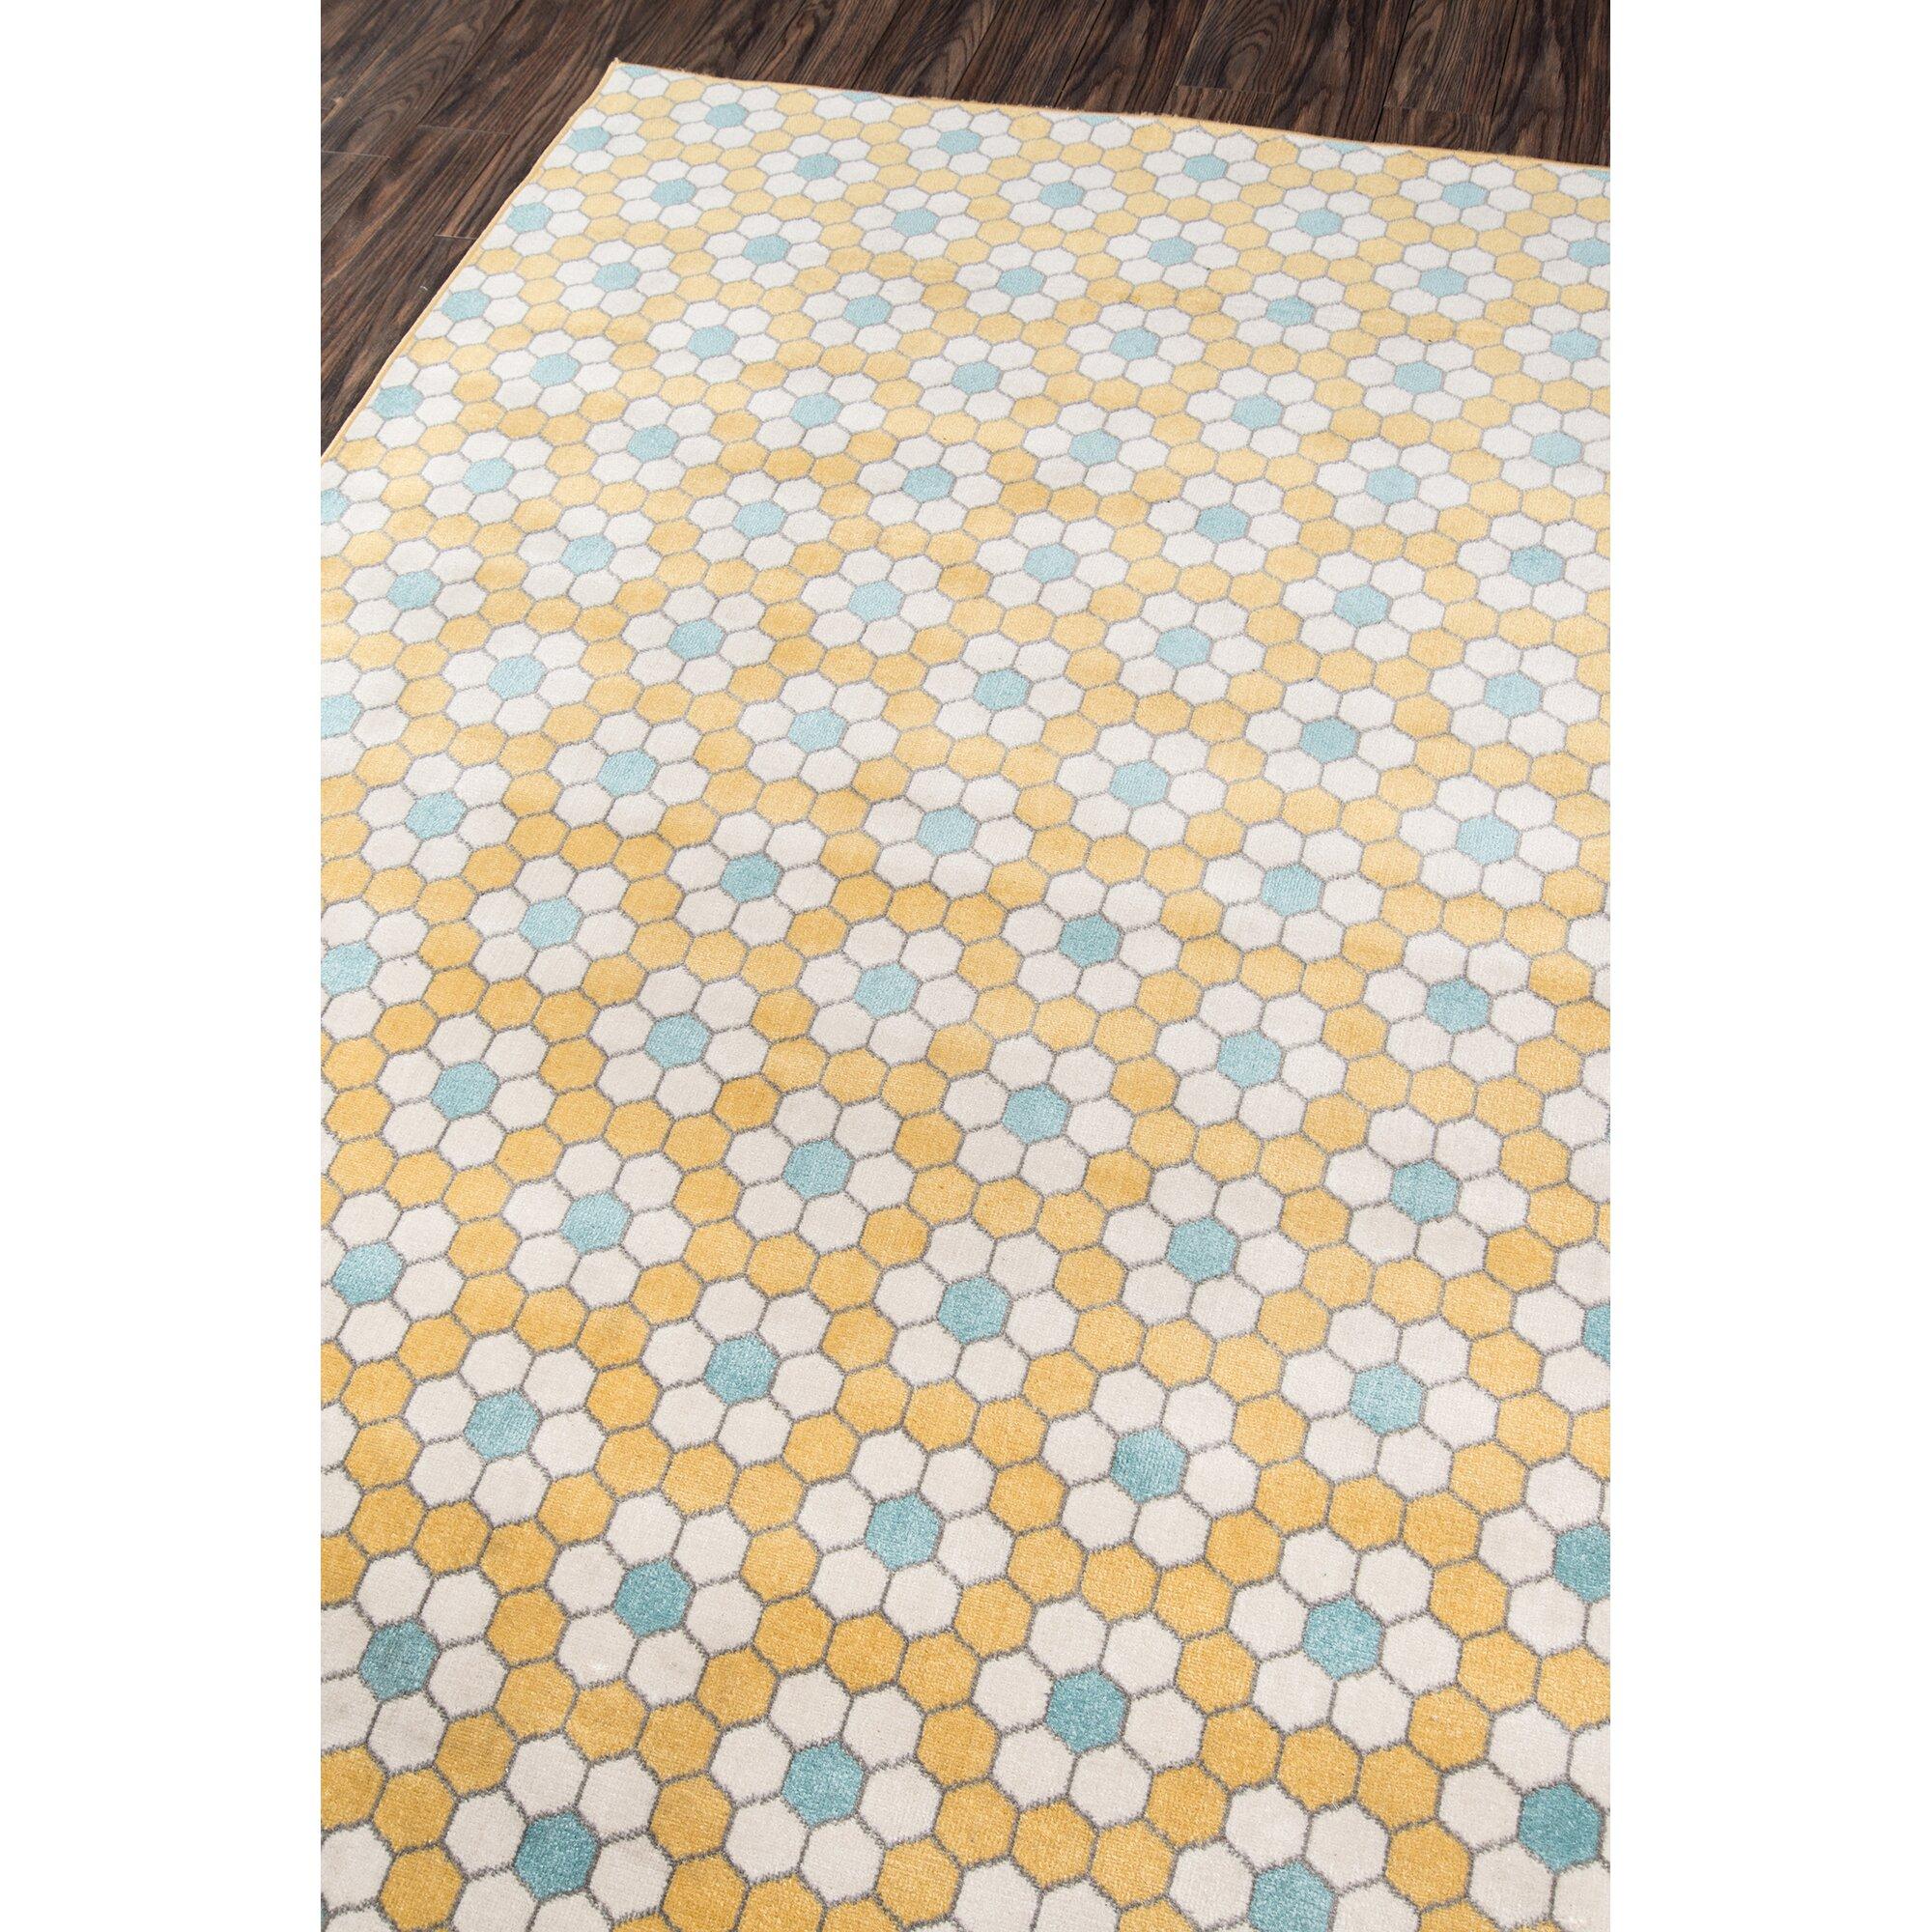 Hex Tile Indoor Outdoor Yellow Area Rug & Reviews